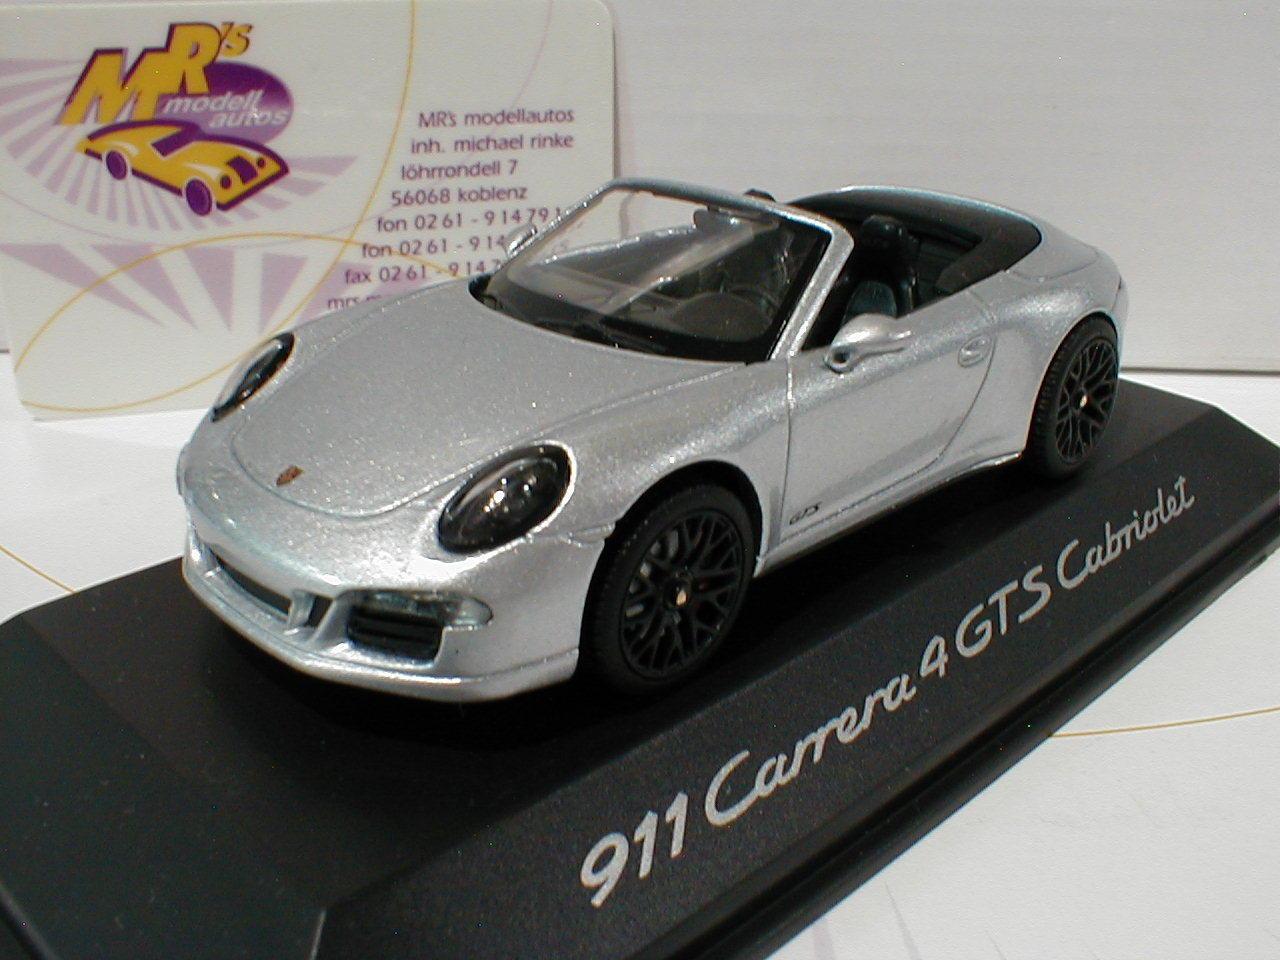 Schuco-porsche 911 Carrera 4 GTS Cabriol année modèle 2014  argent métallique  1 43